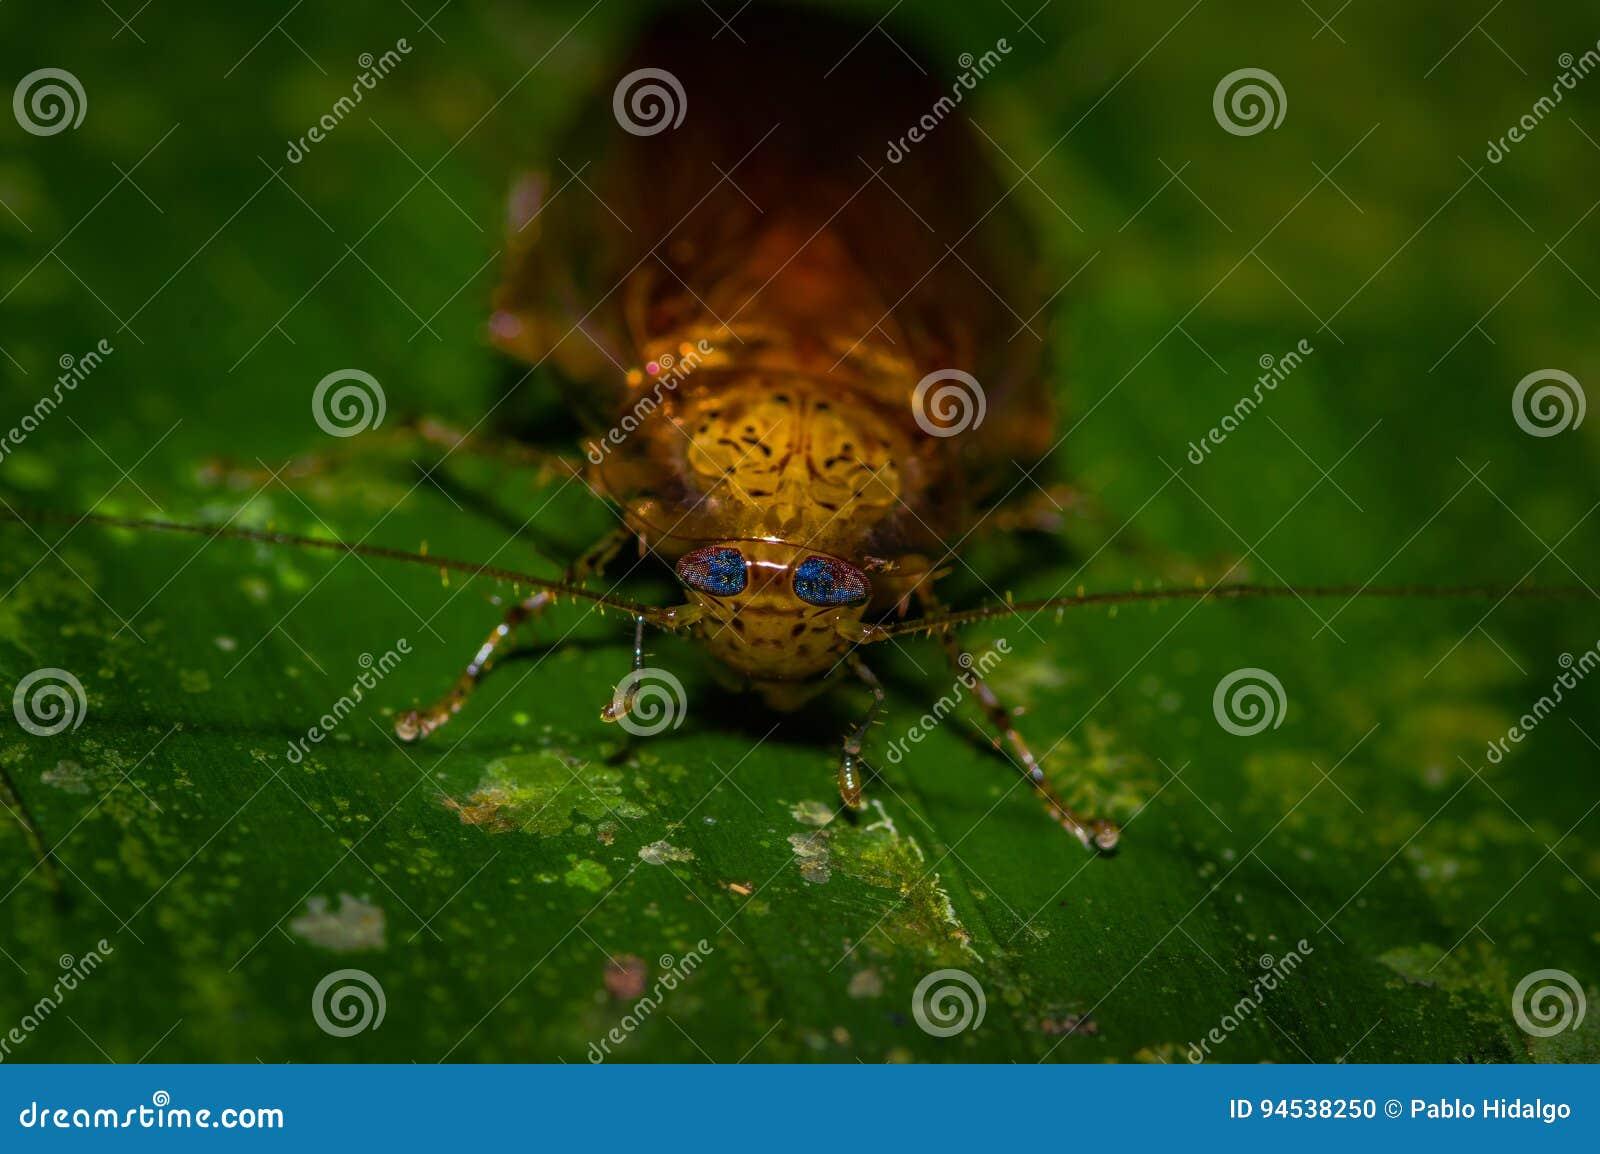 Karakany od podrównikowego wilgotnego podrównikowego lasu tropikalnego Ameryka Południowa Dictyoptera, Blattoptera, Blattodea od